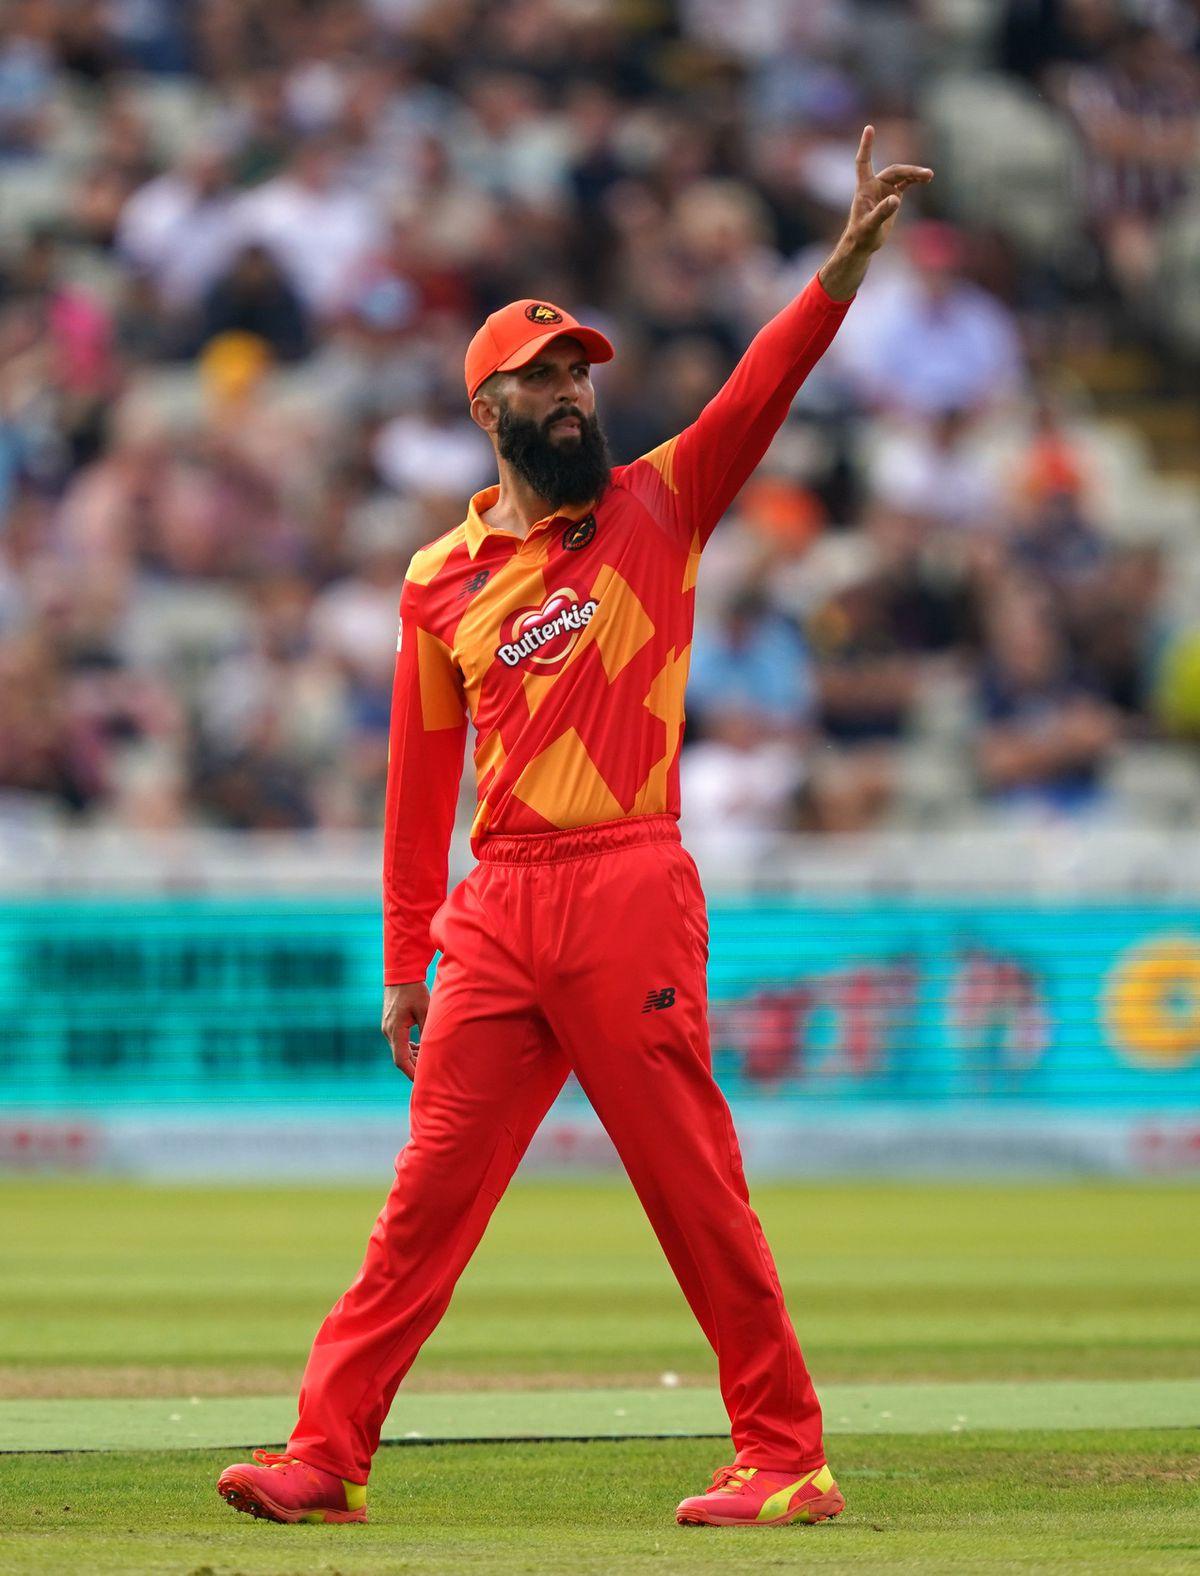 Birmingham Phoenix's Moeen Ali salutes the crowd